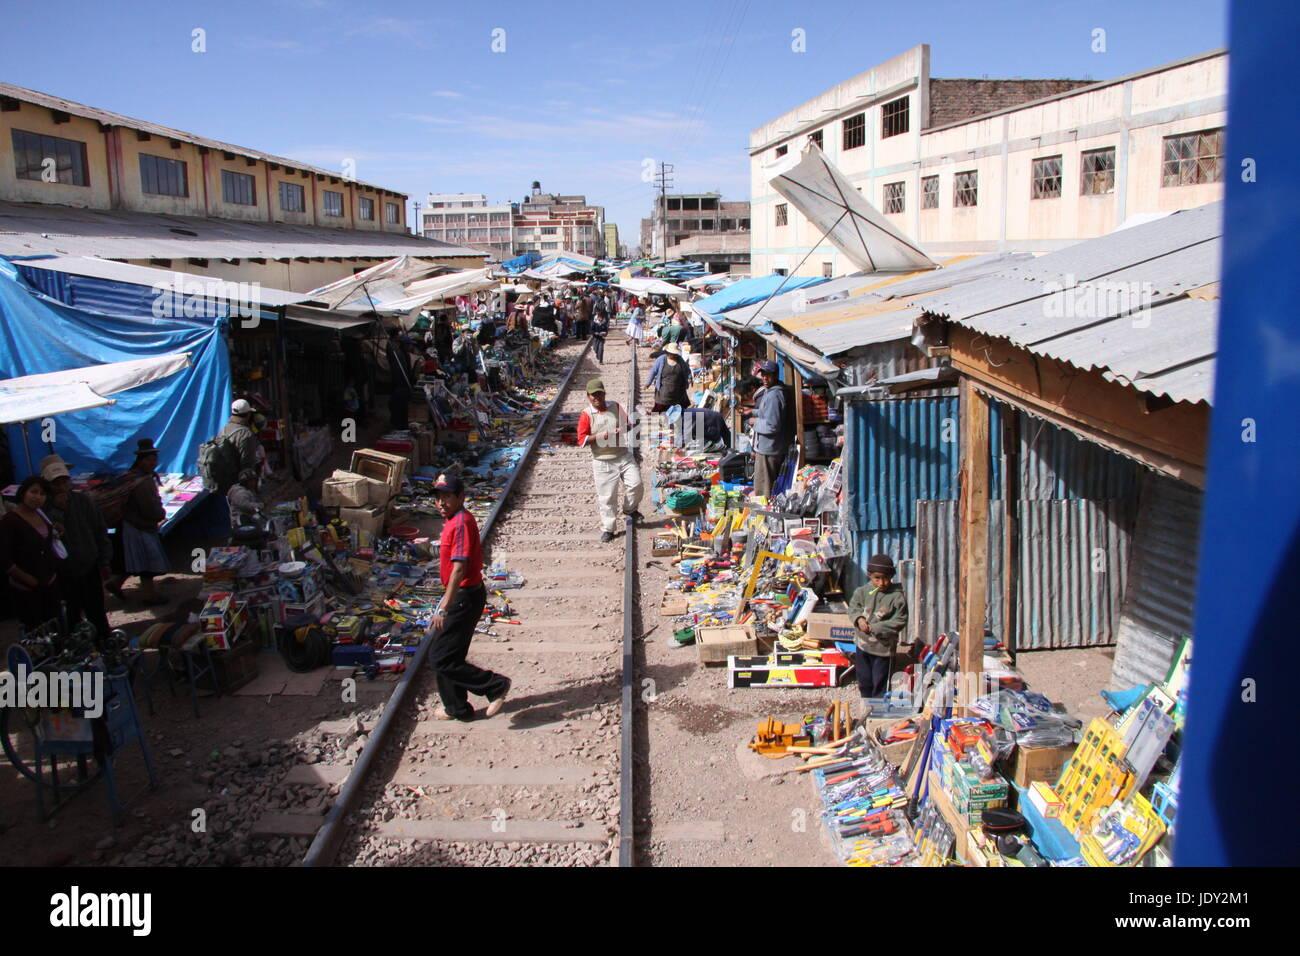 Peruvian Railway Journey - Stock Image